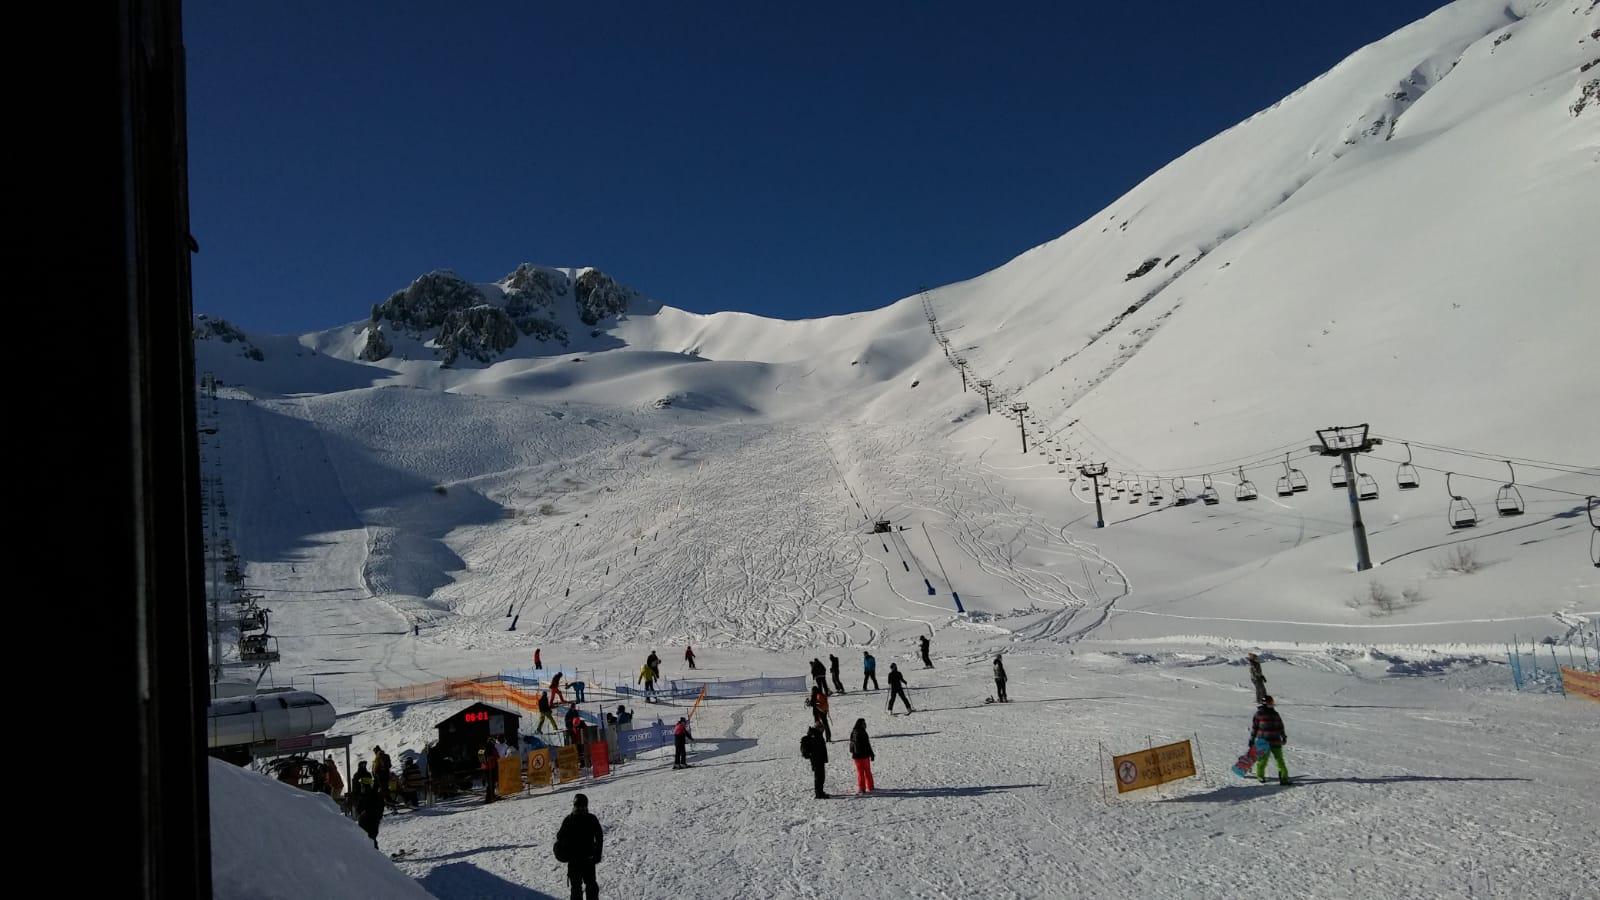 Las navidades dejan un balance de 8.731 esquiadores en las estaciones invernales de León 1